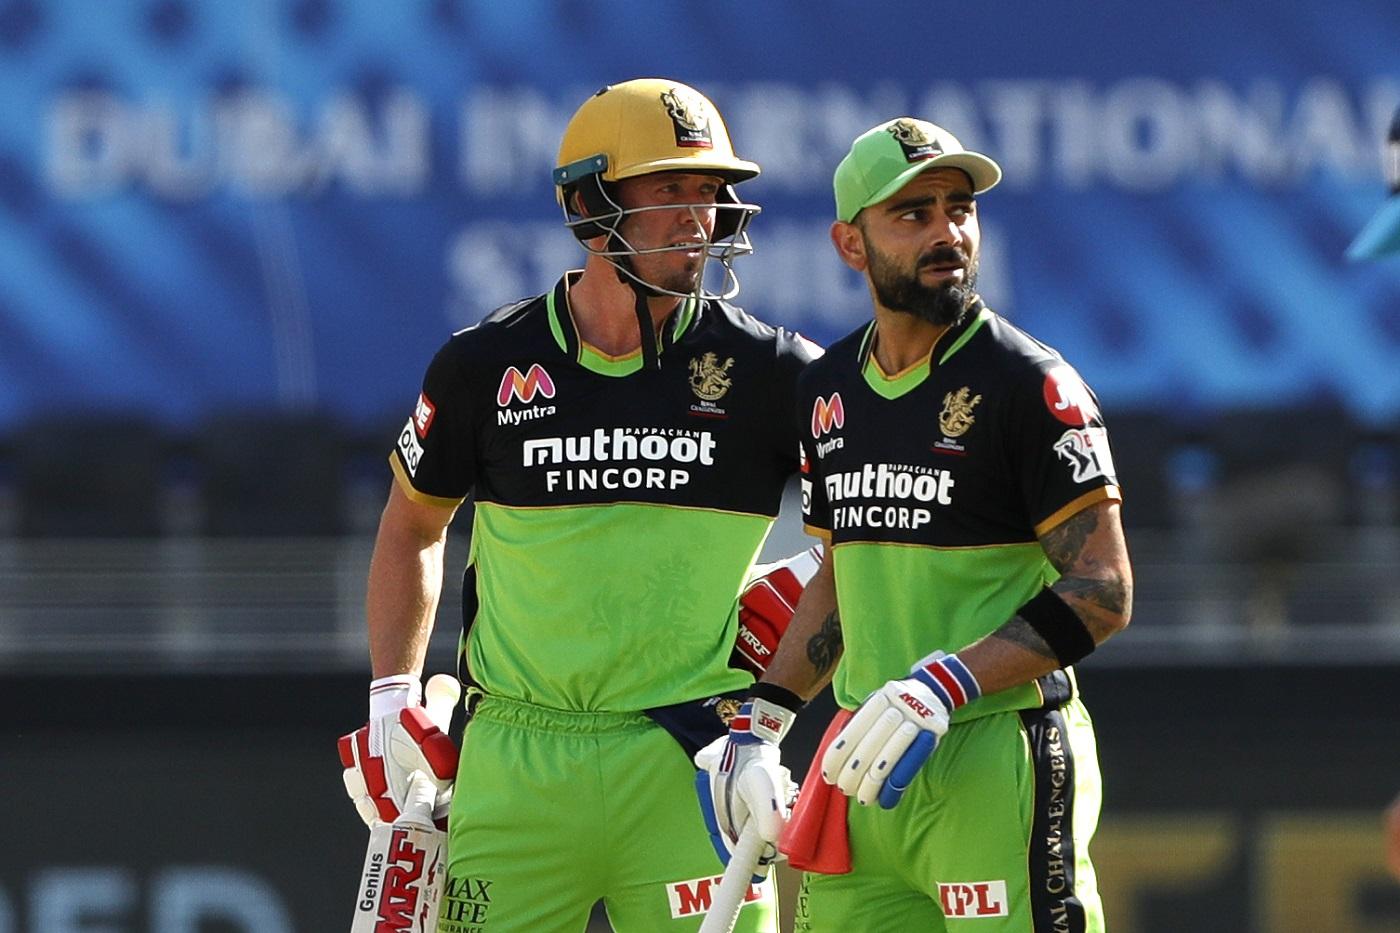 Virat Kohli and AB de Villiers | Virat Kohli and AB de Villiers | KreedOn